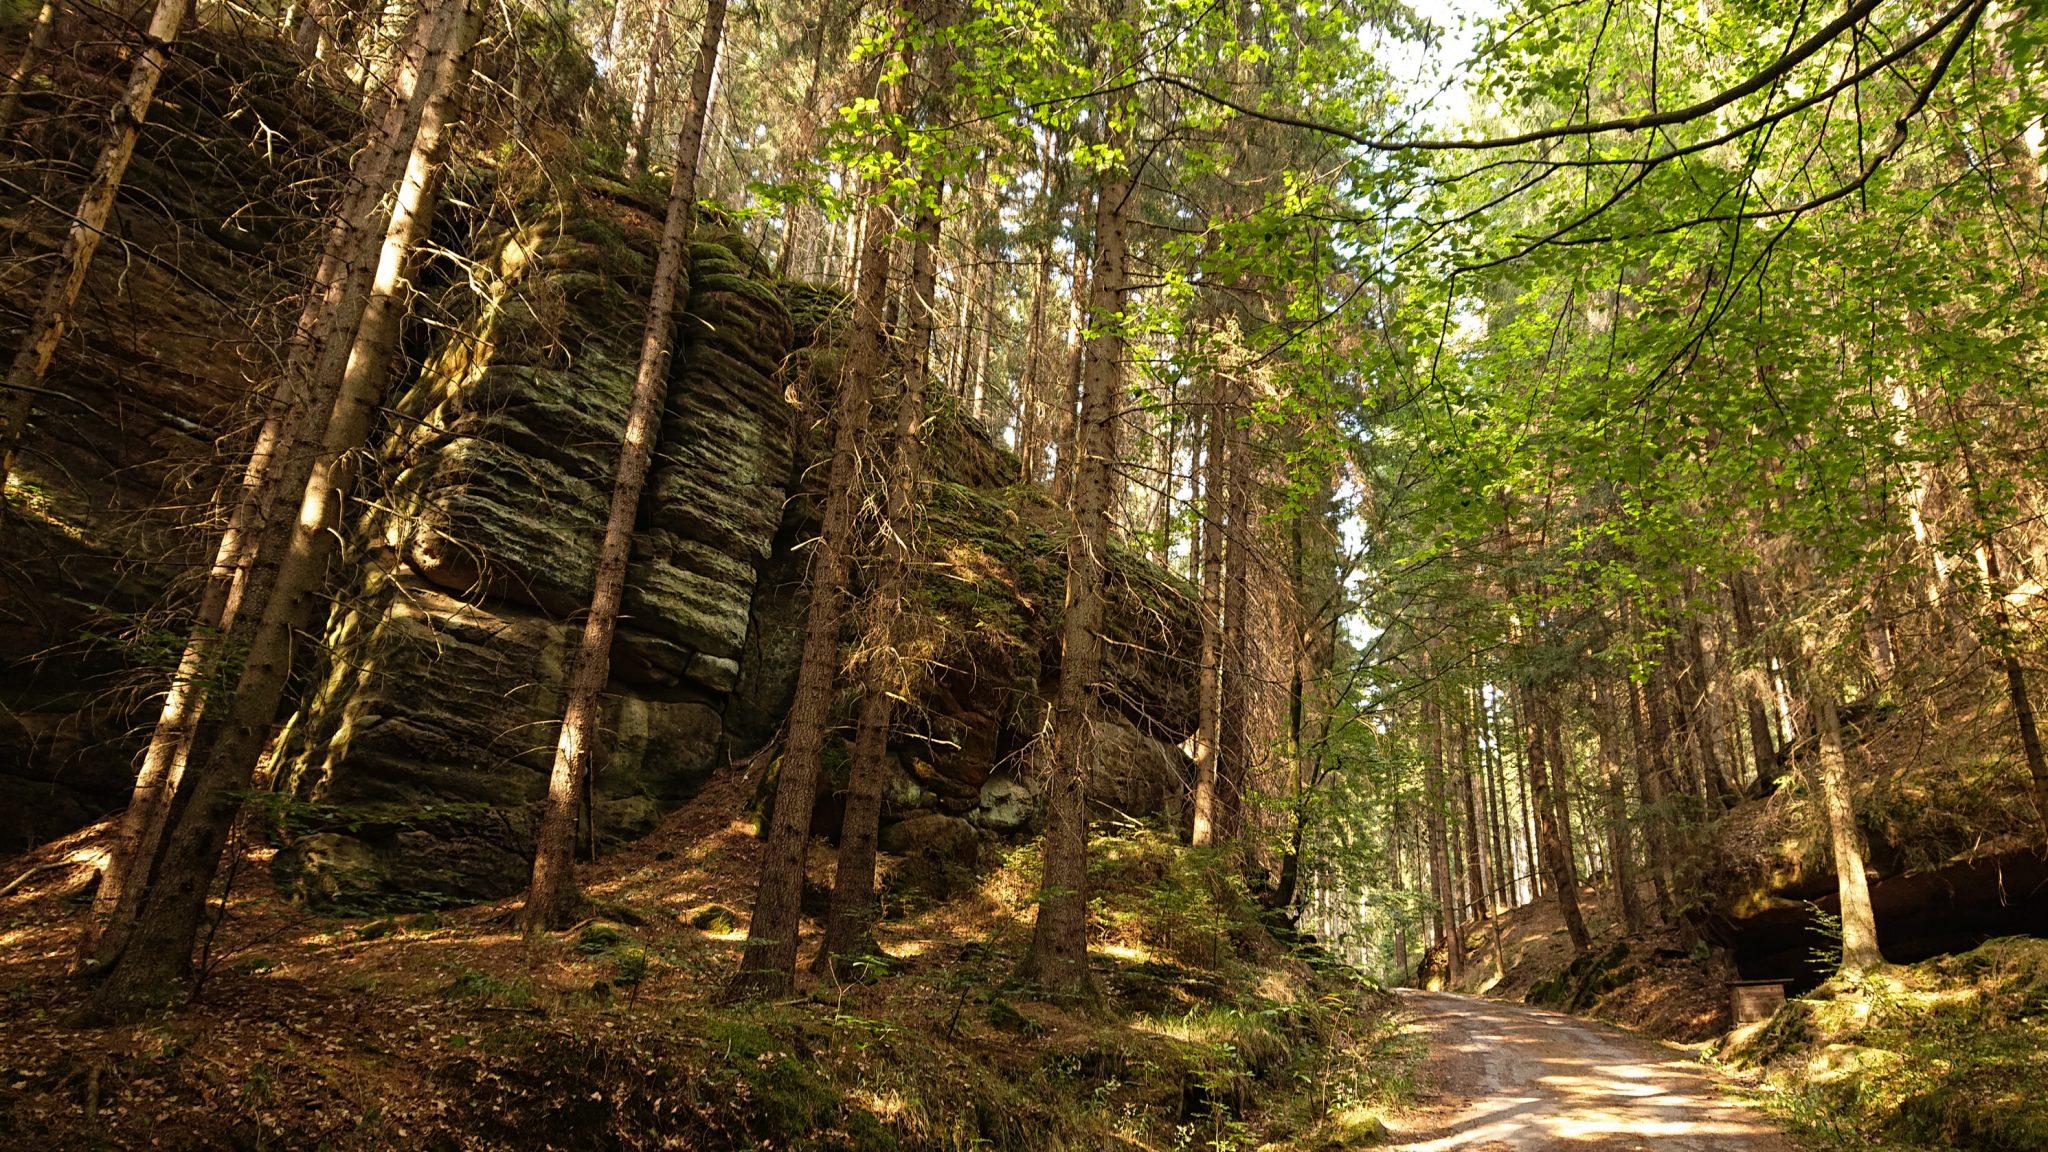 Zeughaus Hickelhöhle und Großer Reitsteig - im Kirnitzschtal wandern, Wanderweg im Wanderparadies Sächsische Schweiz mit vielen tollen Aussichten, riesiger Felsennationalpark, schöne Lichtstimmung im Wald